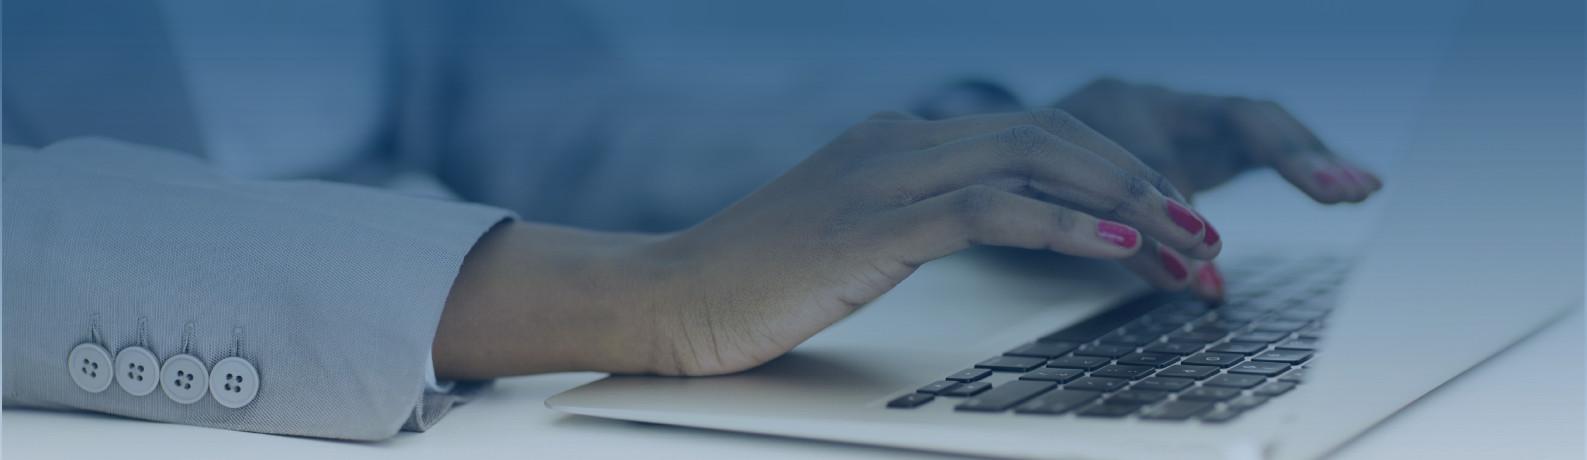 http://www.serpro.gov.br/menu/contato/cliente/duvidas-mais-frequentes/siapenet/siapenet